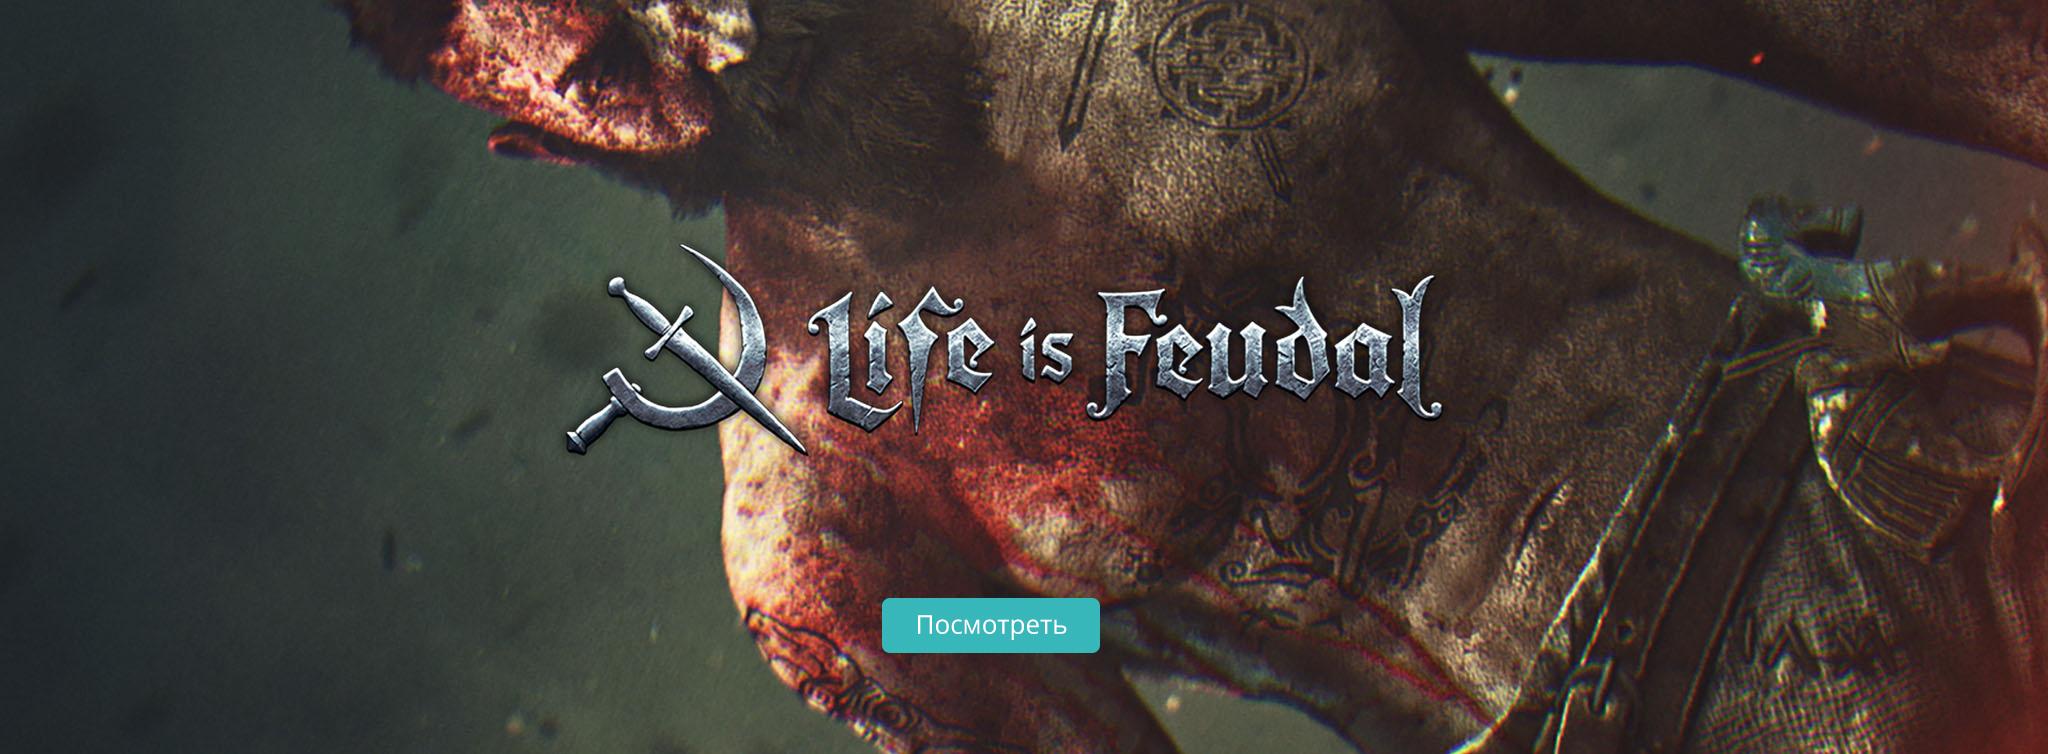 Кровь и пот в средневековой песочнице. Best indie MMO на E3 2015.